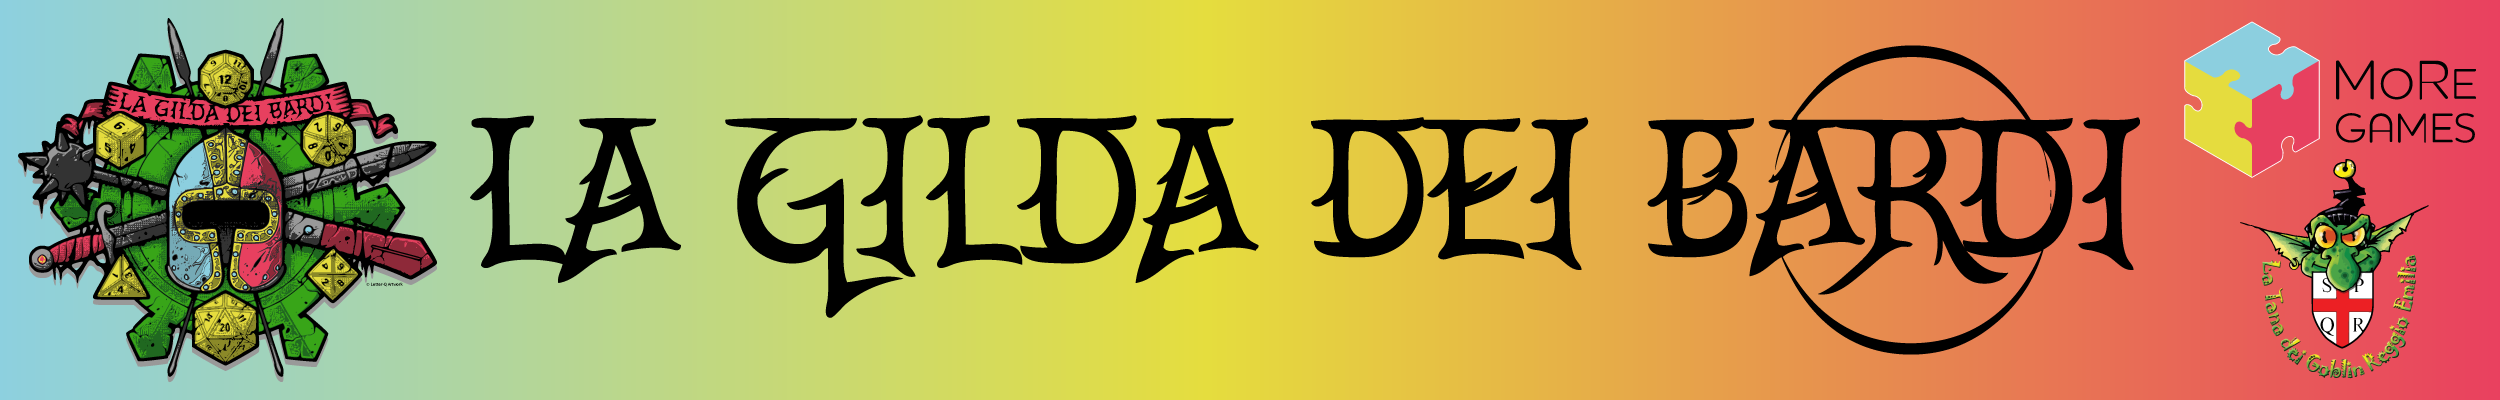 La Gilda dei Bardi APS